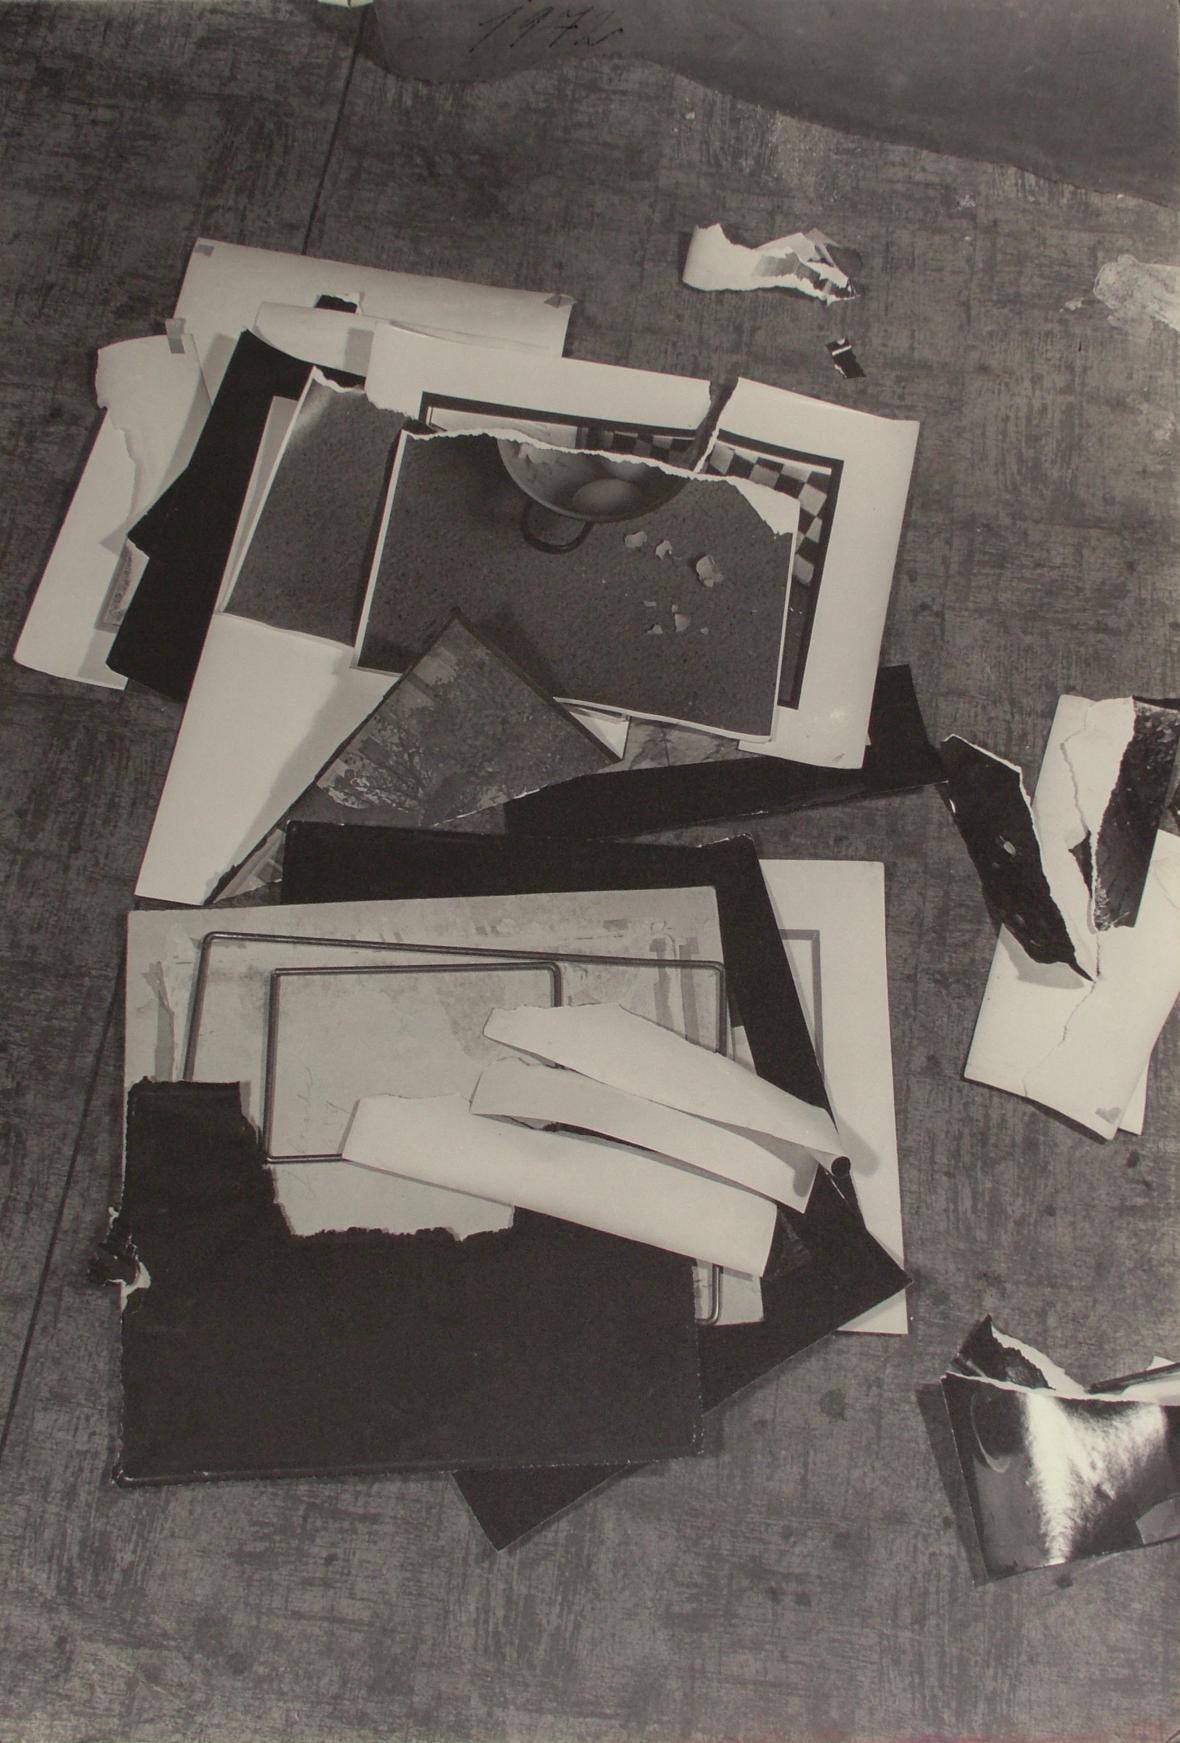 Jan Svoboda / Obraz, který se nevrátí XXXV, 1972